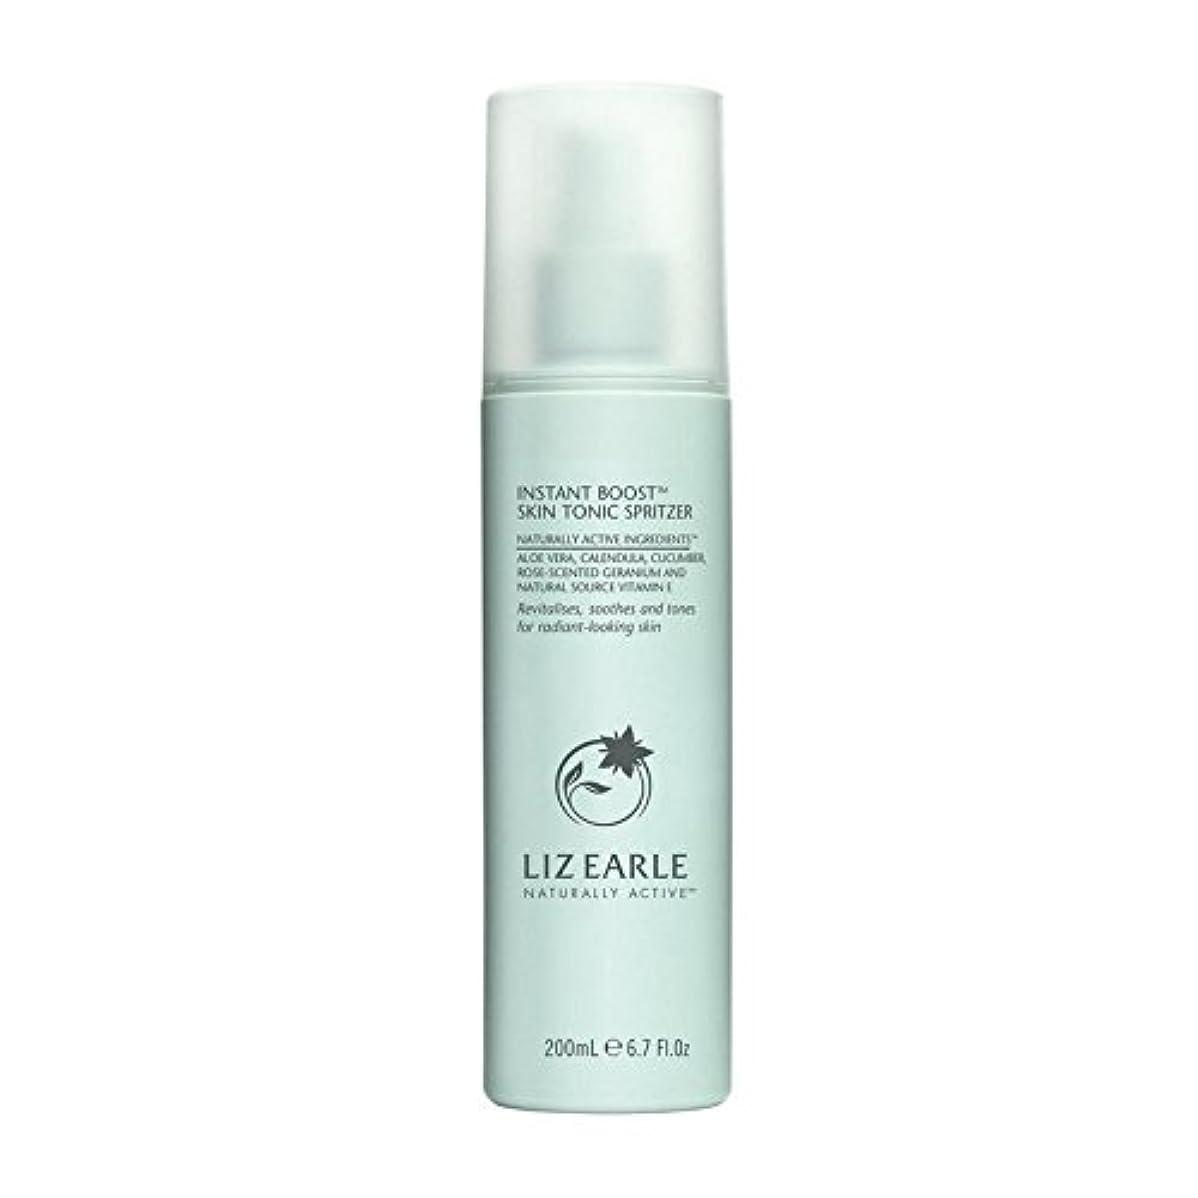 瞳等しい出しますLiz Earle Instant Boost Skin Tonic Spritzer 200ml - リズアールインスタントブーストスキントニックスプリッツァーの200ミリリットル [並行輸入品]